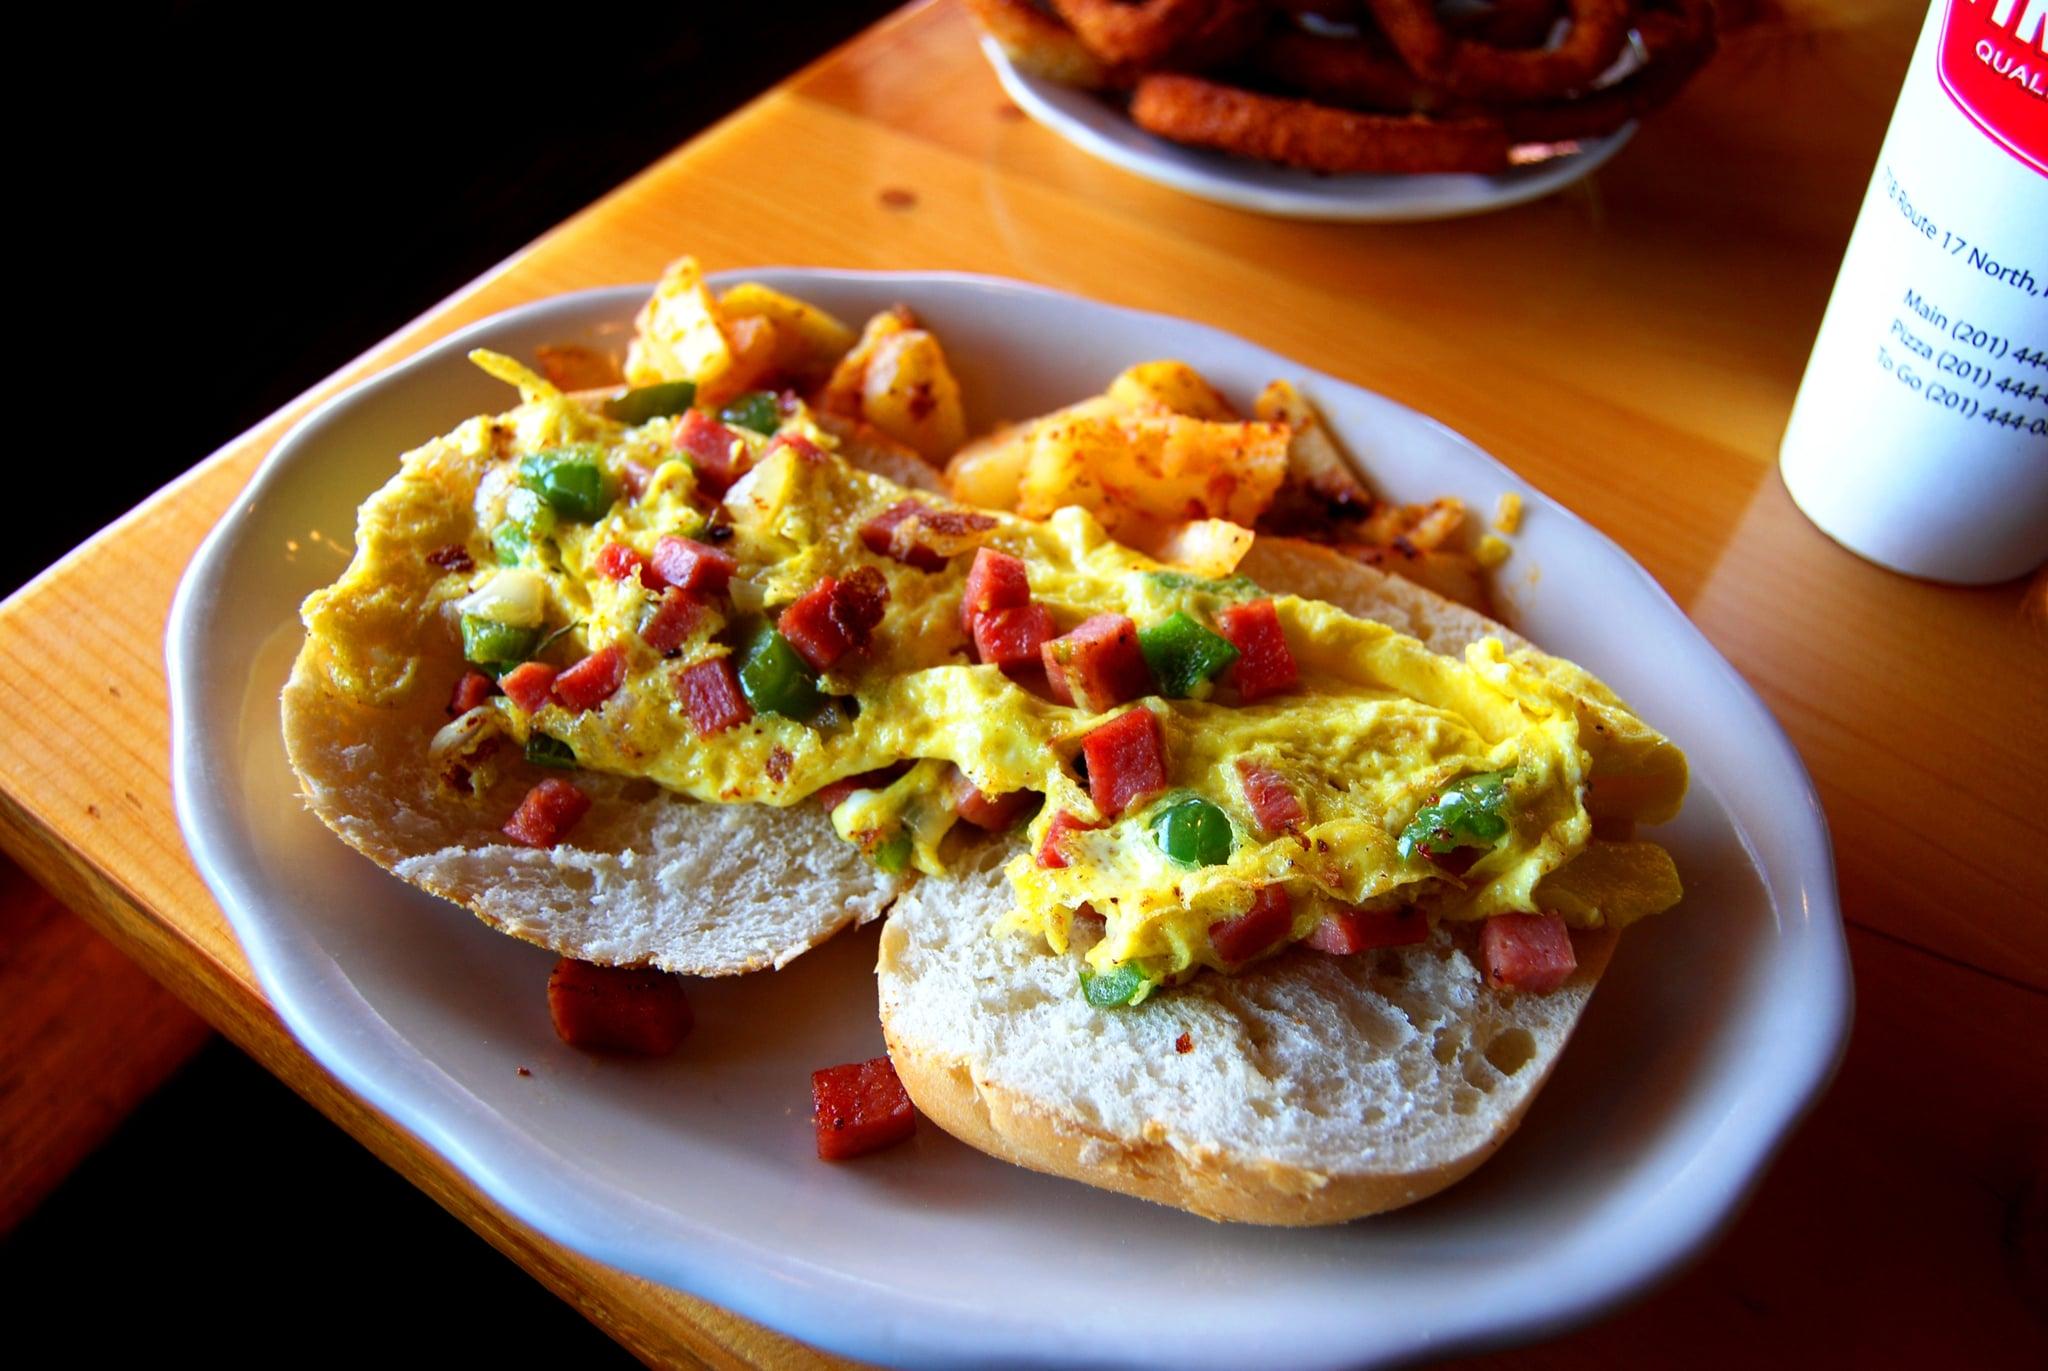 Colorado: Western or Denver Sandwich